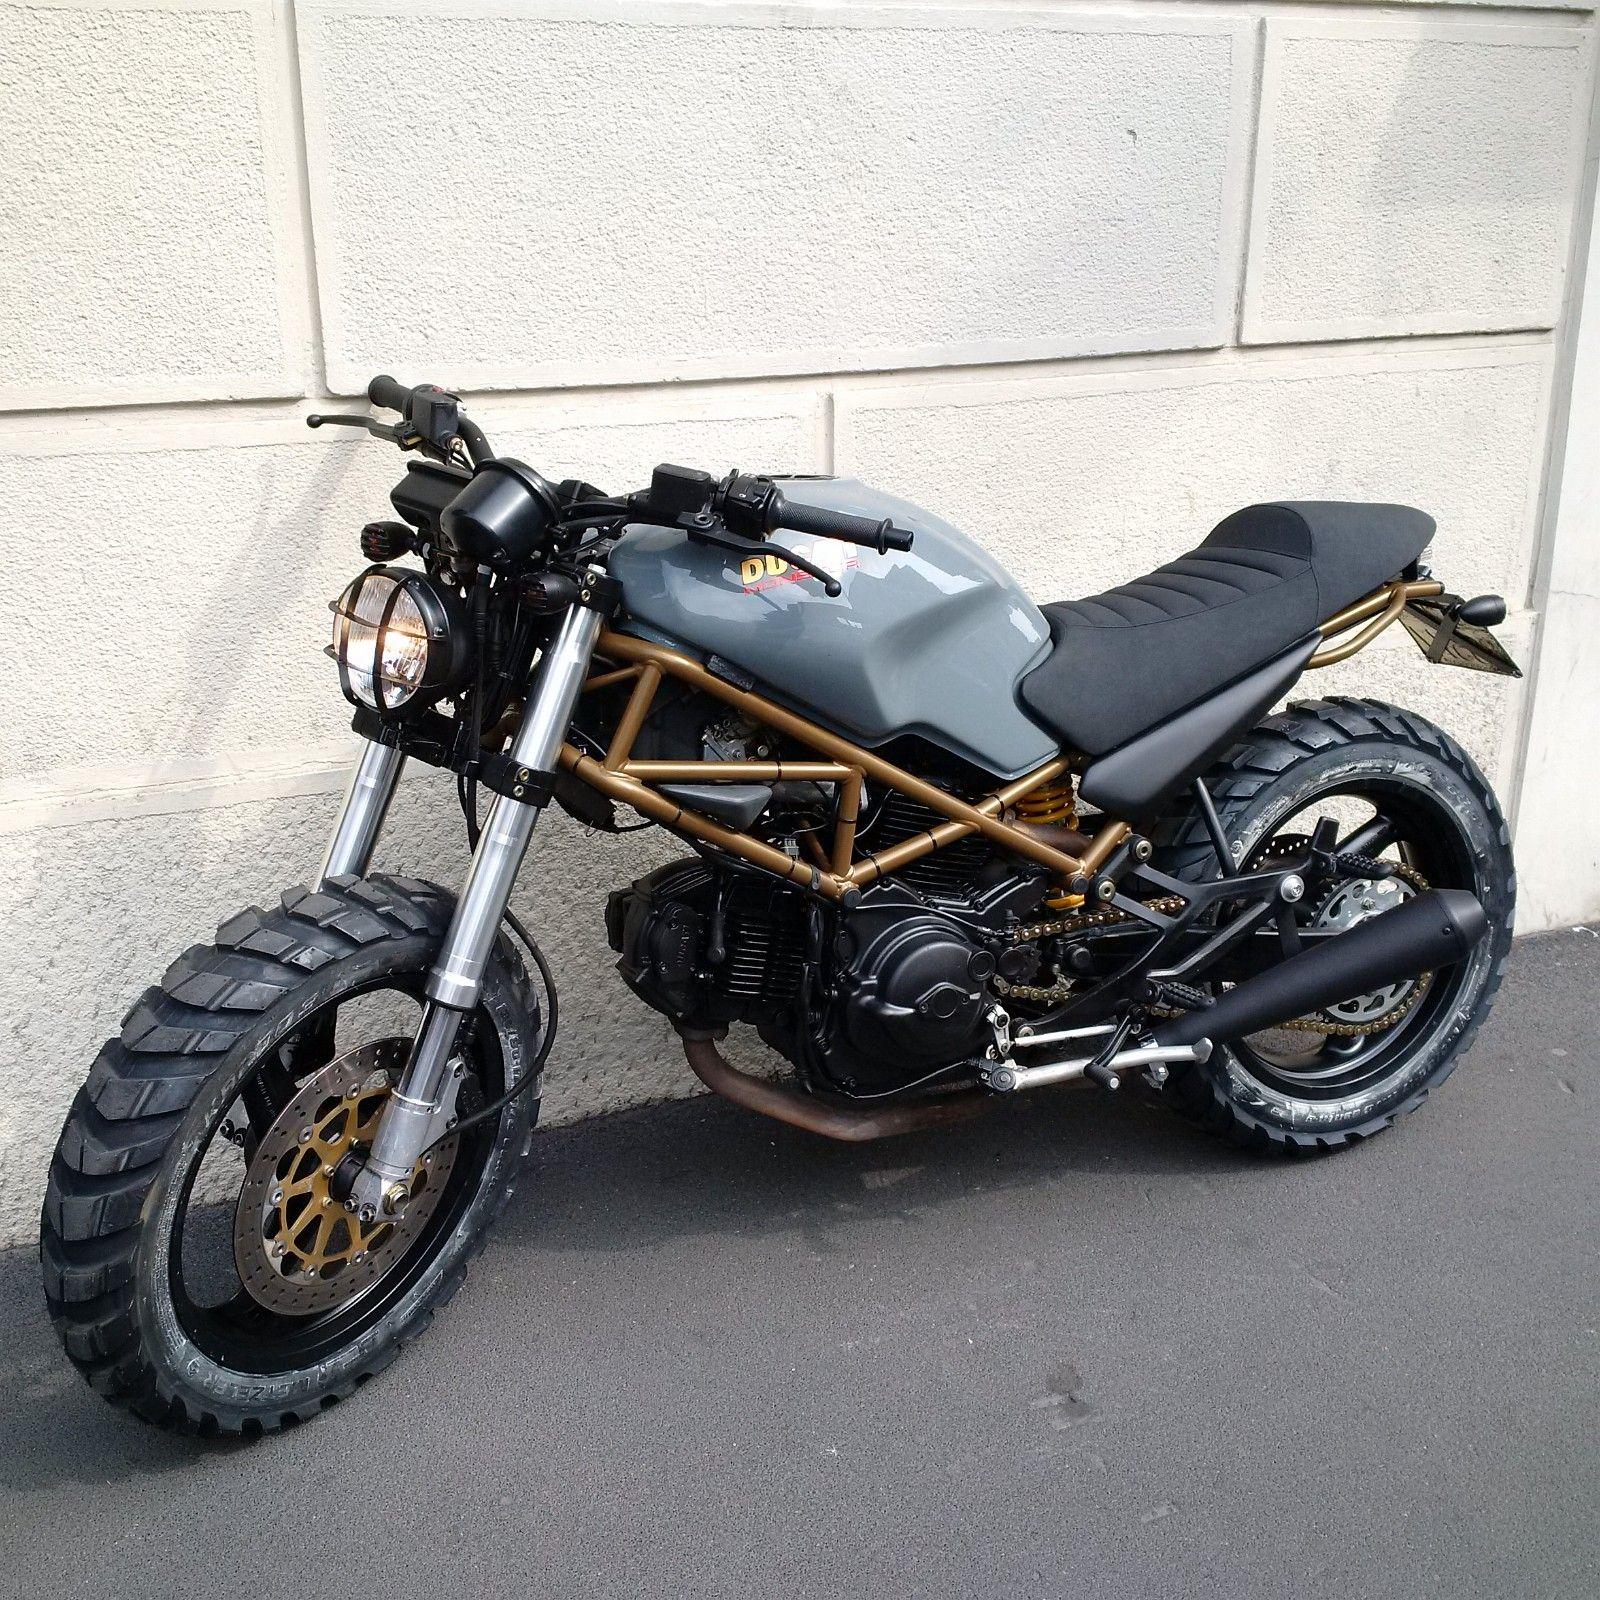 Finn Ducati Monster 600 Pinteres Diavel Fuse Box More